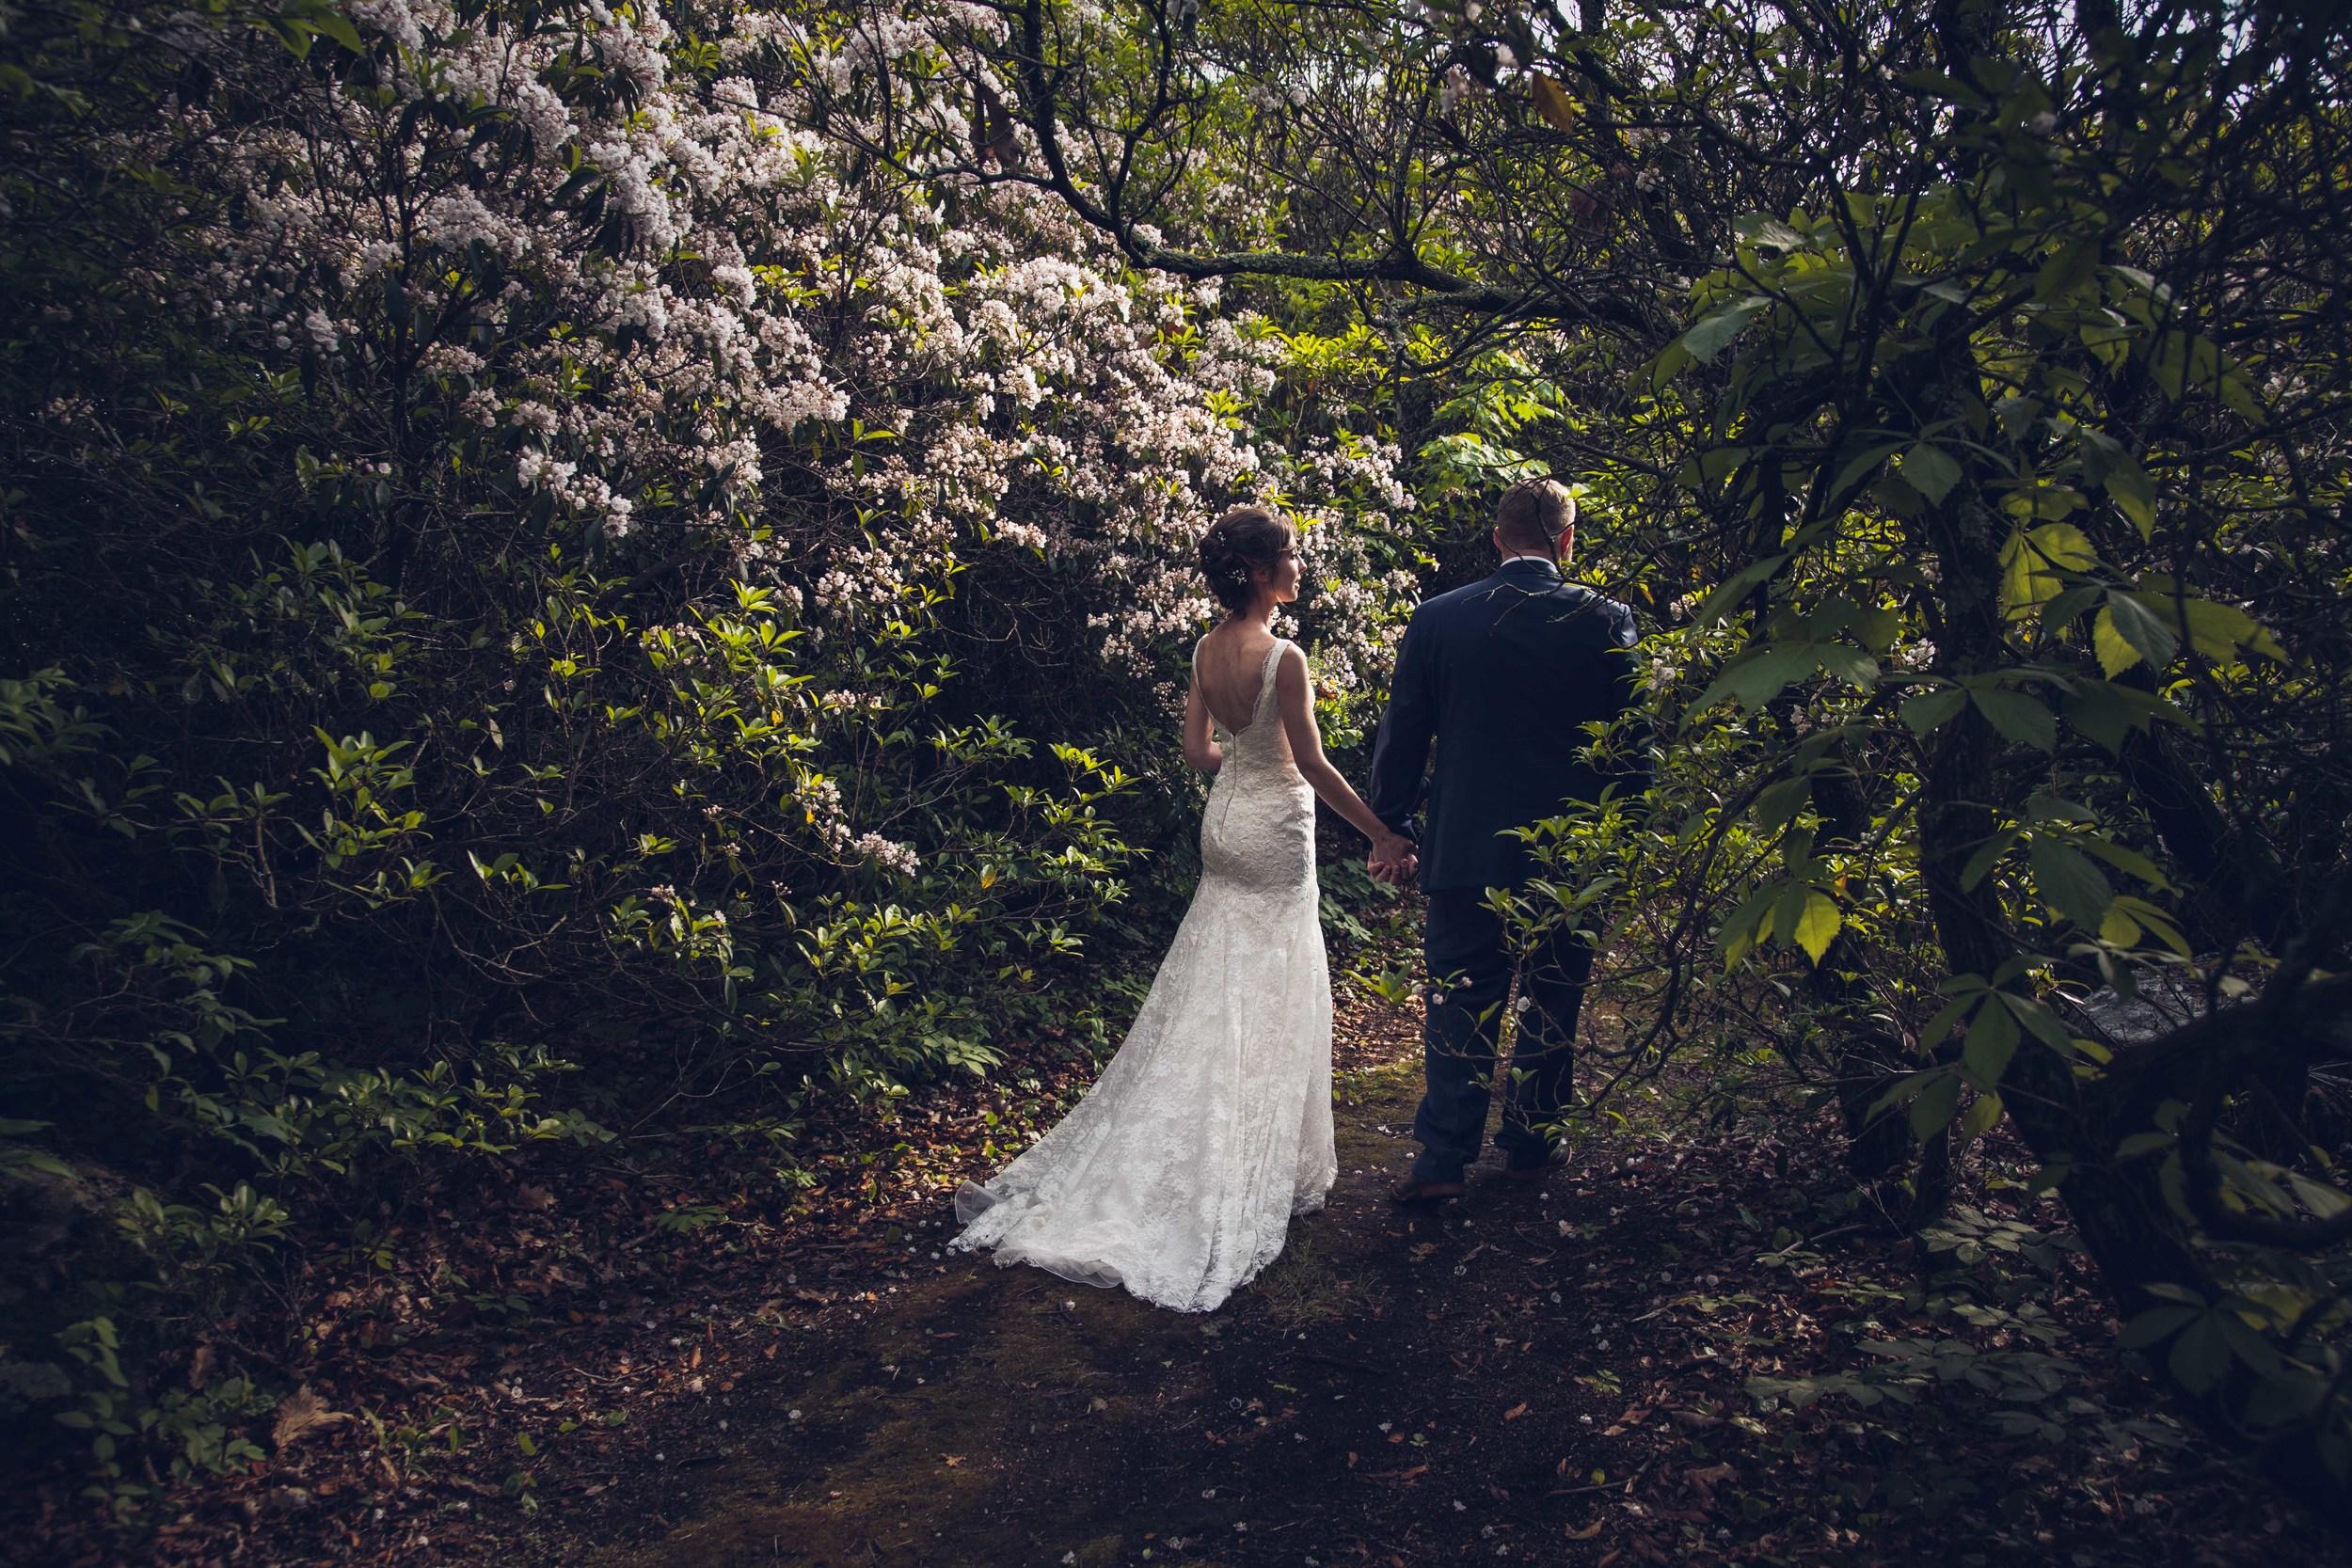 bride groom walking through woods